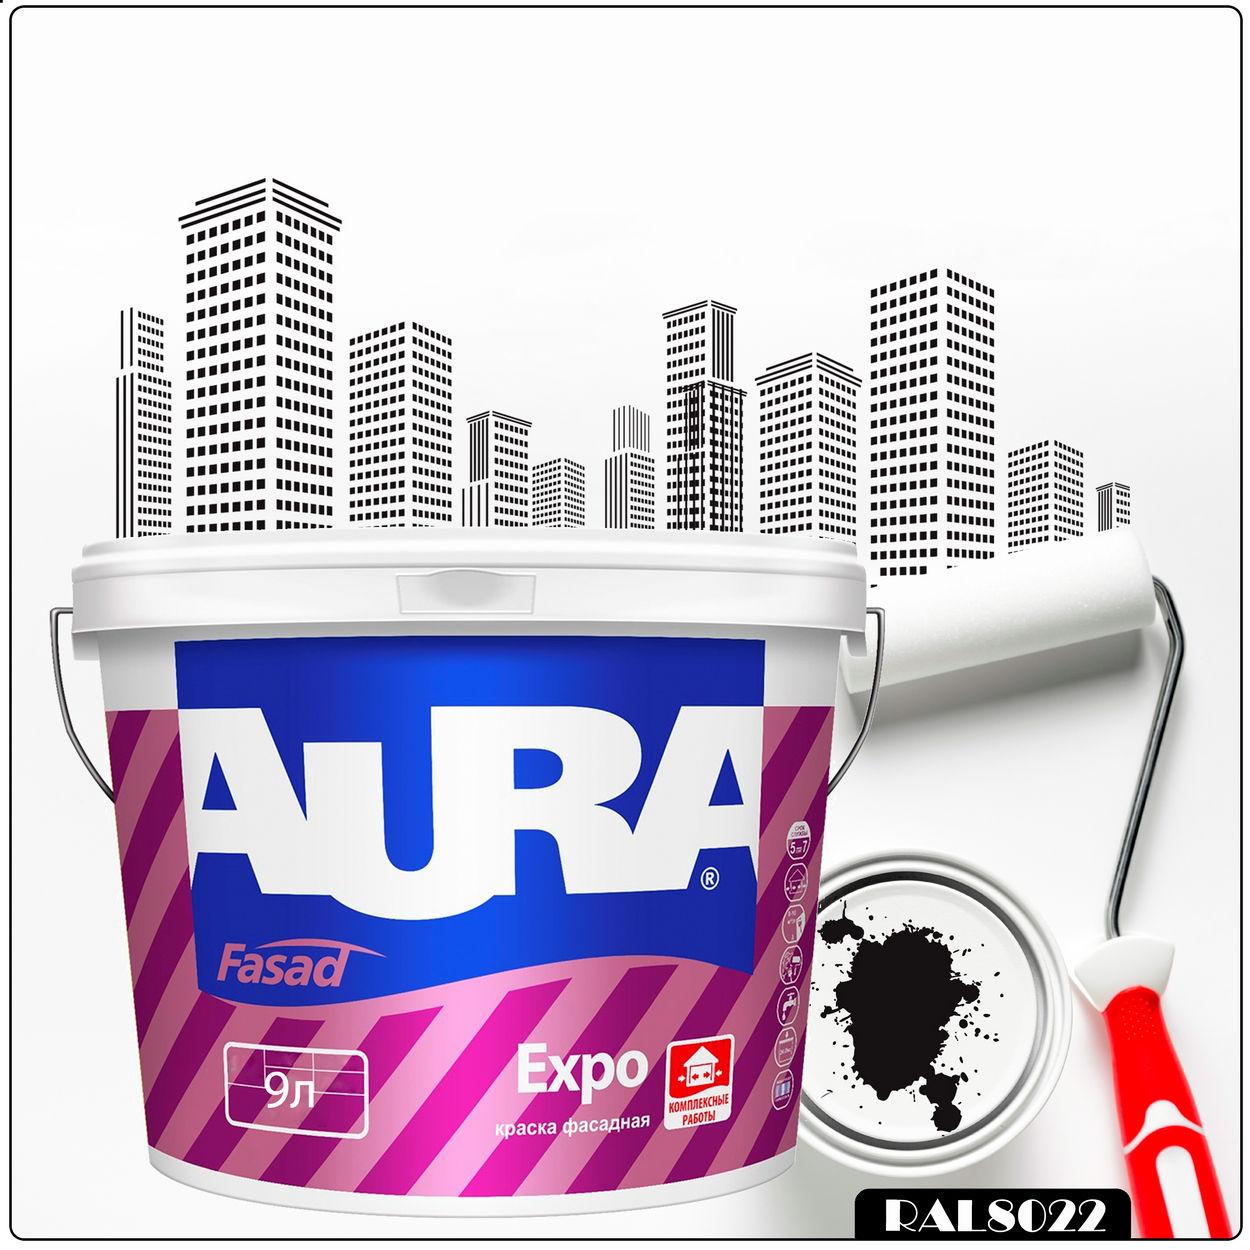 Фото 15 - Краска Aura Fasad Expo, RAL 8022 Чёрно-коричневый, матовая, для фасадов и помещений с повышенной влажностью, 9л.